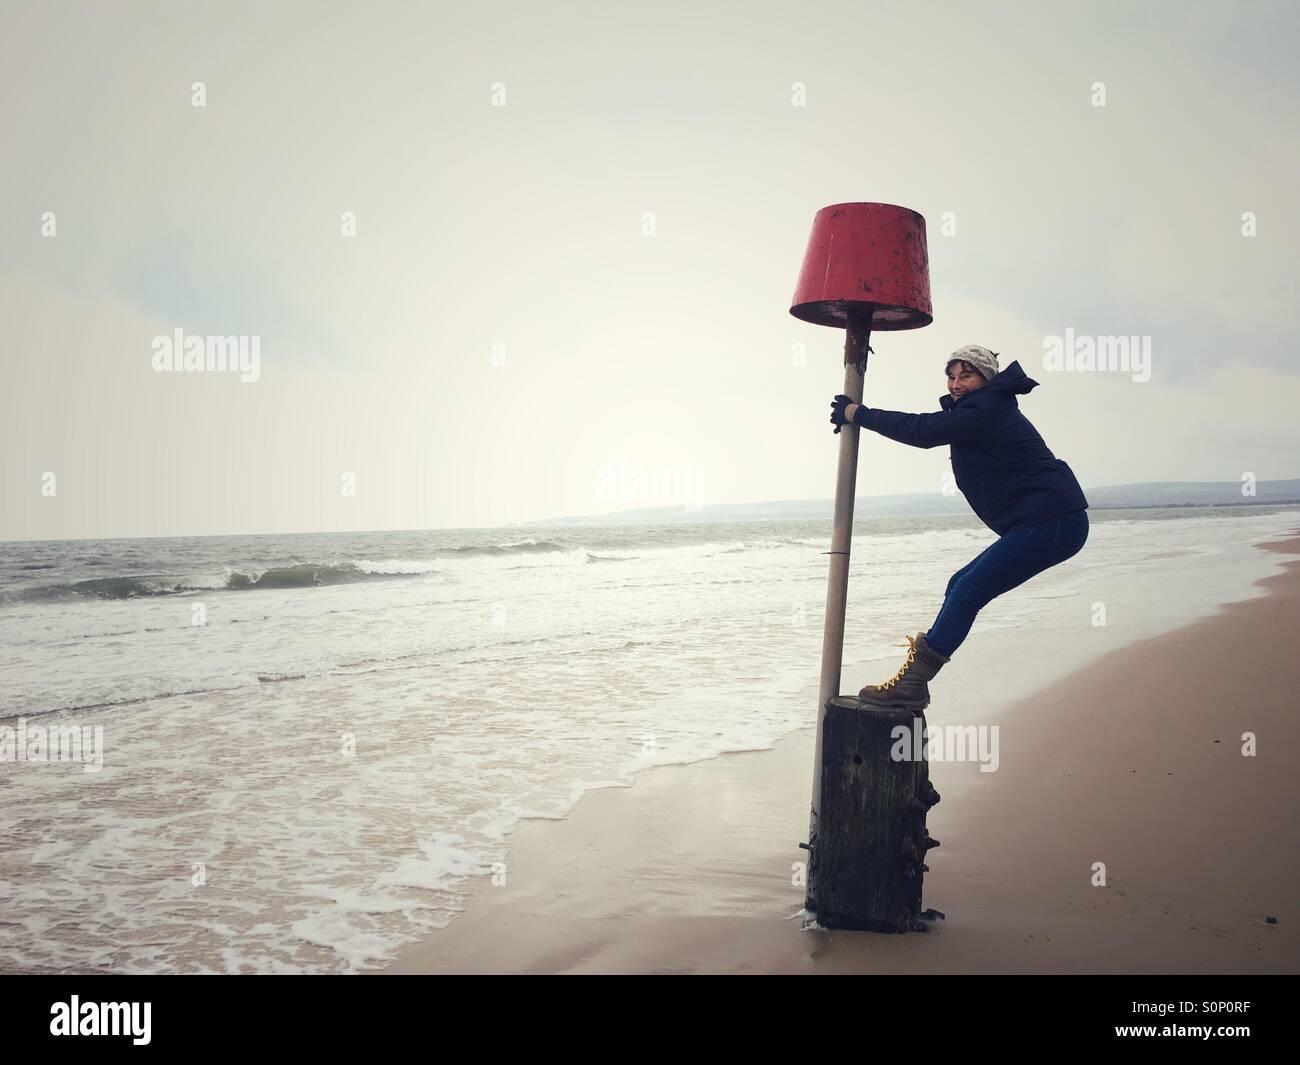 Frau mit Spaß balancieren auf Markierungsboje auf Dorset Strand im Winter Stockbild